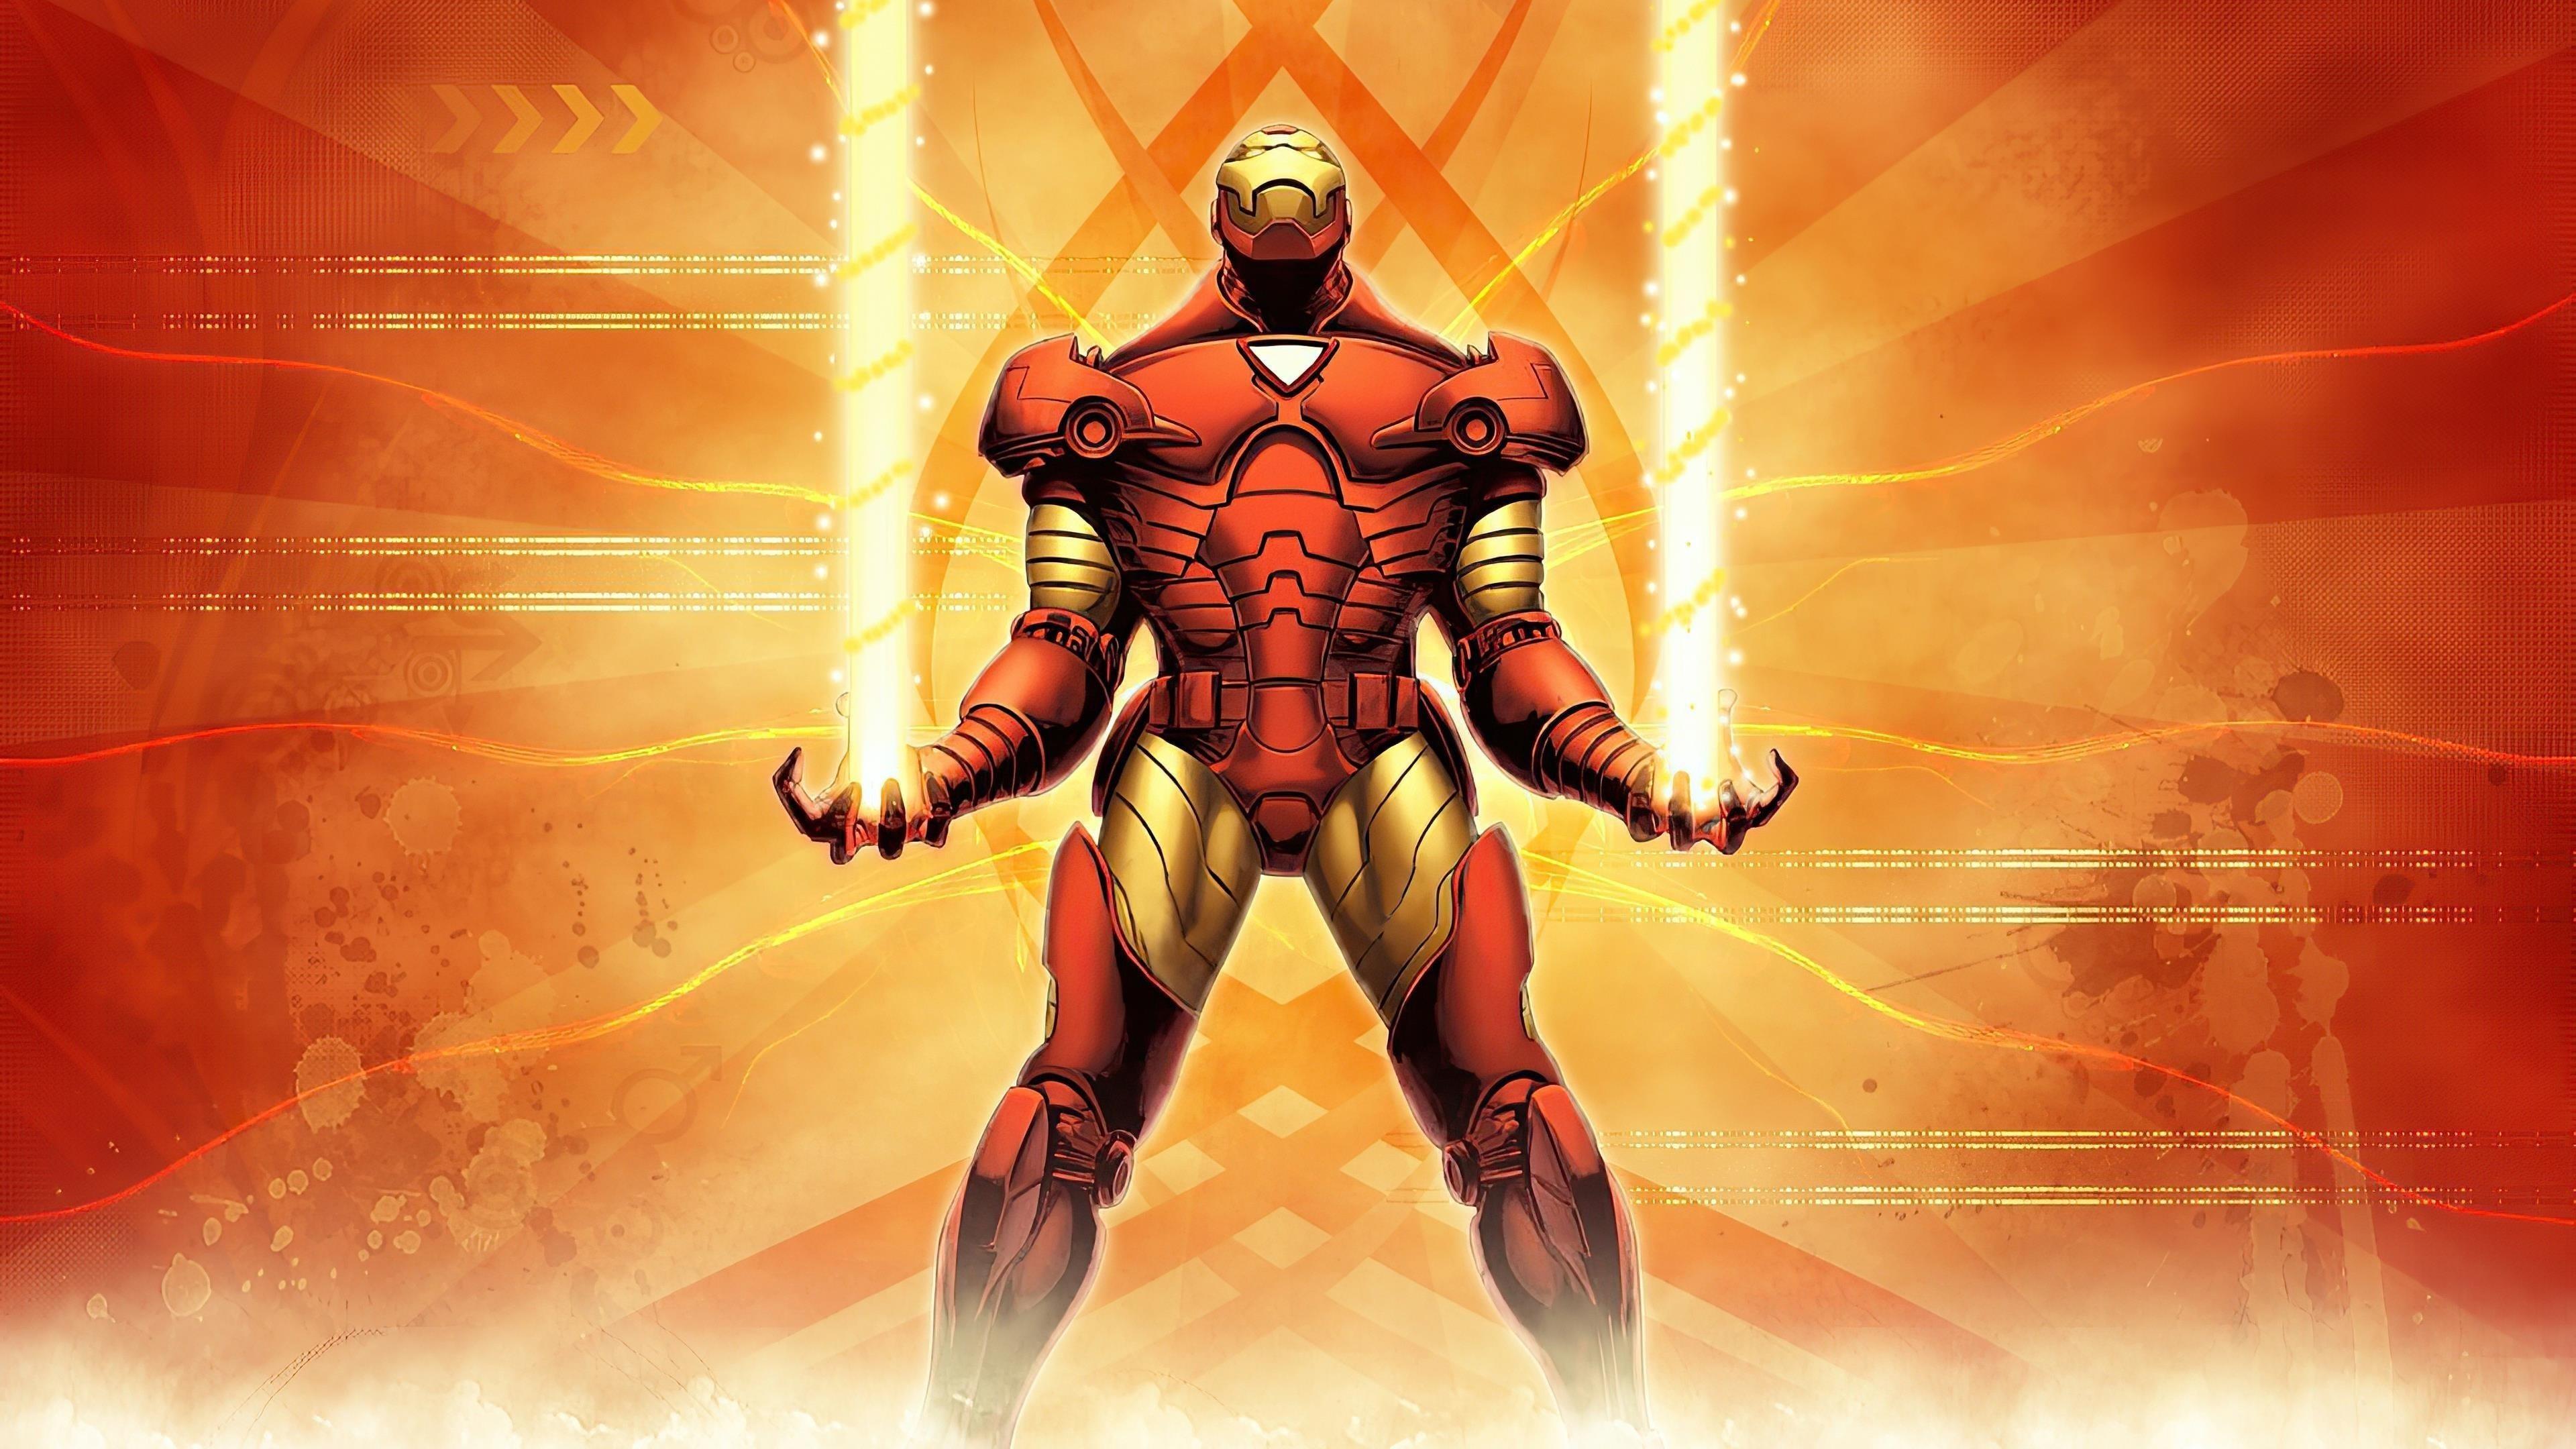 Железный человек 2020 арт супергерои обои скачать